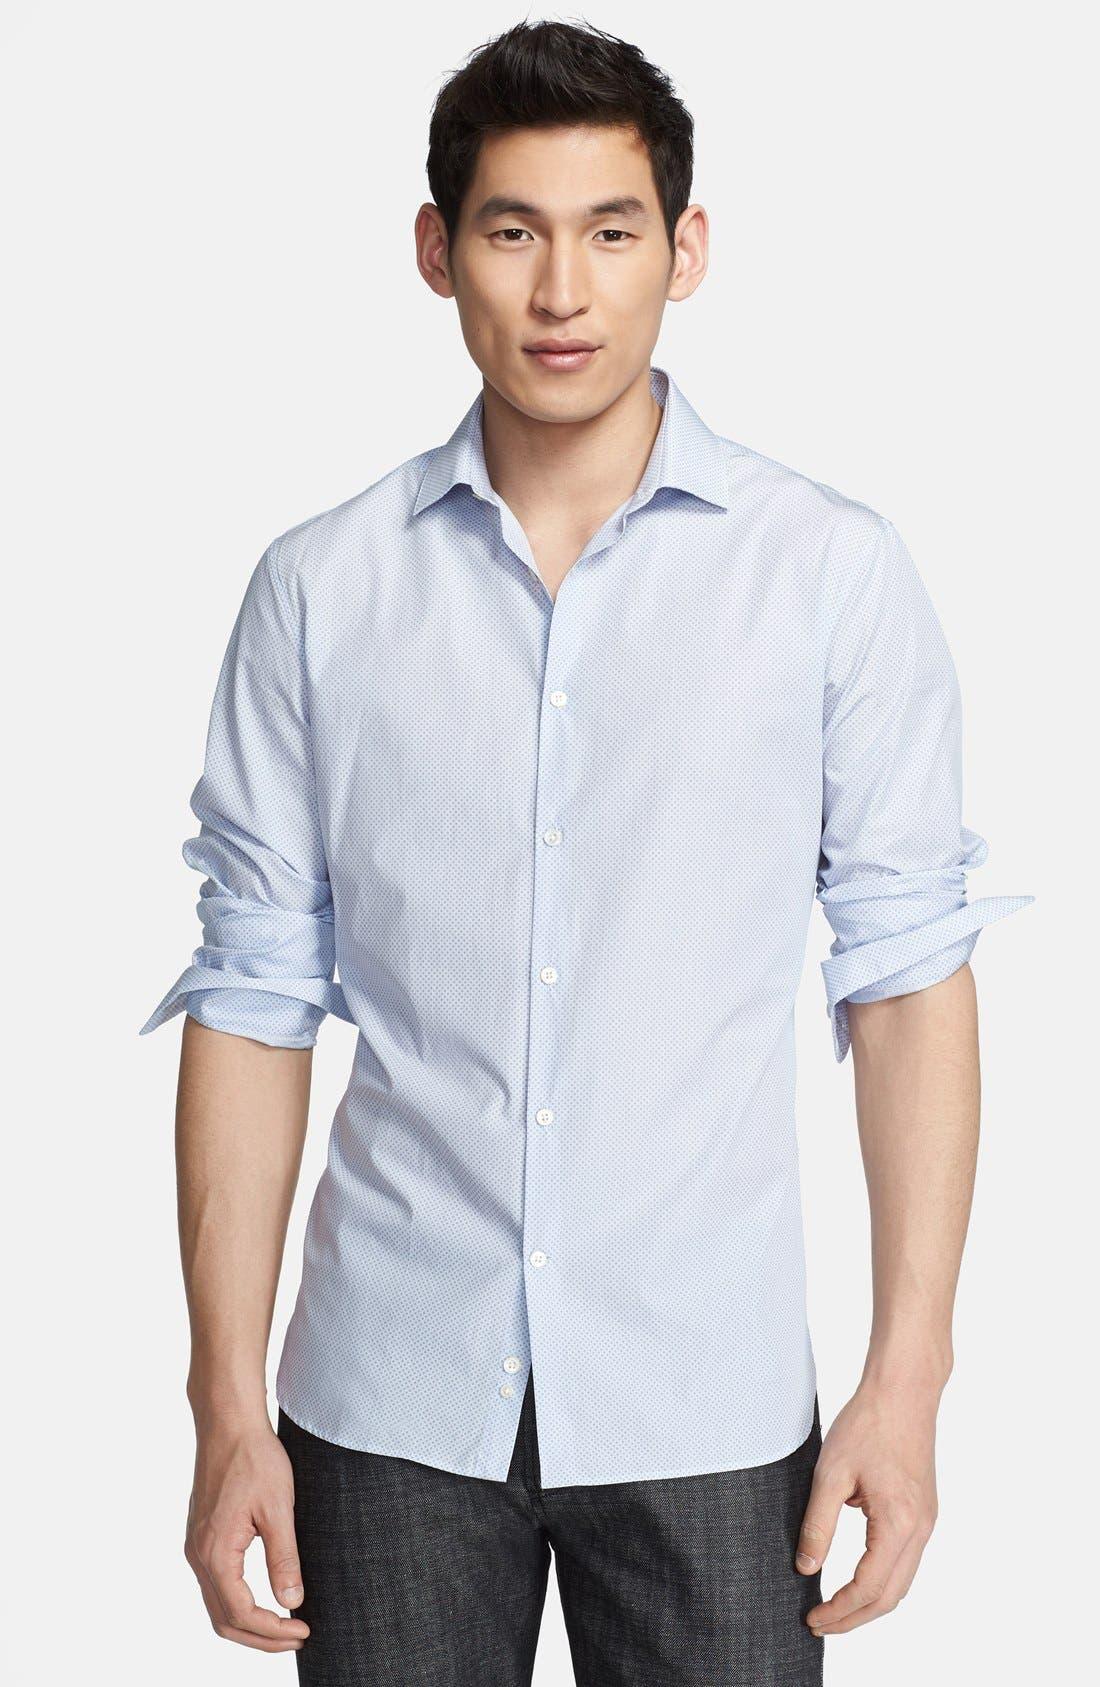 Main Image - John Varvatos Collection Slim Fit Dress Shirt